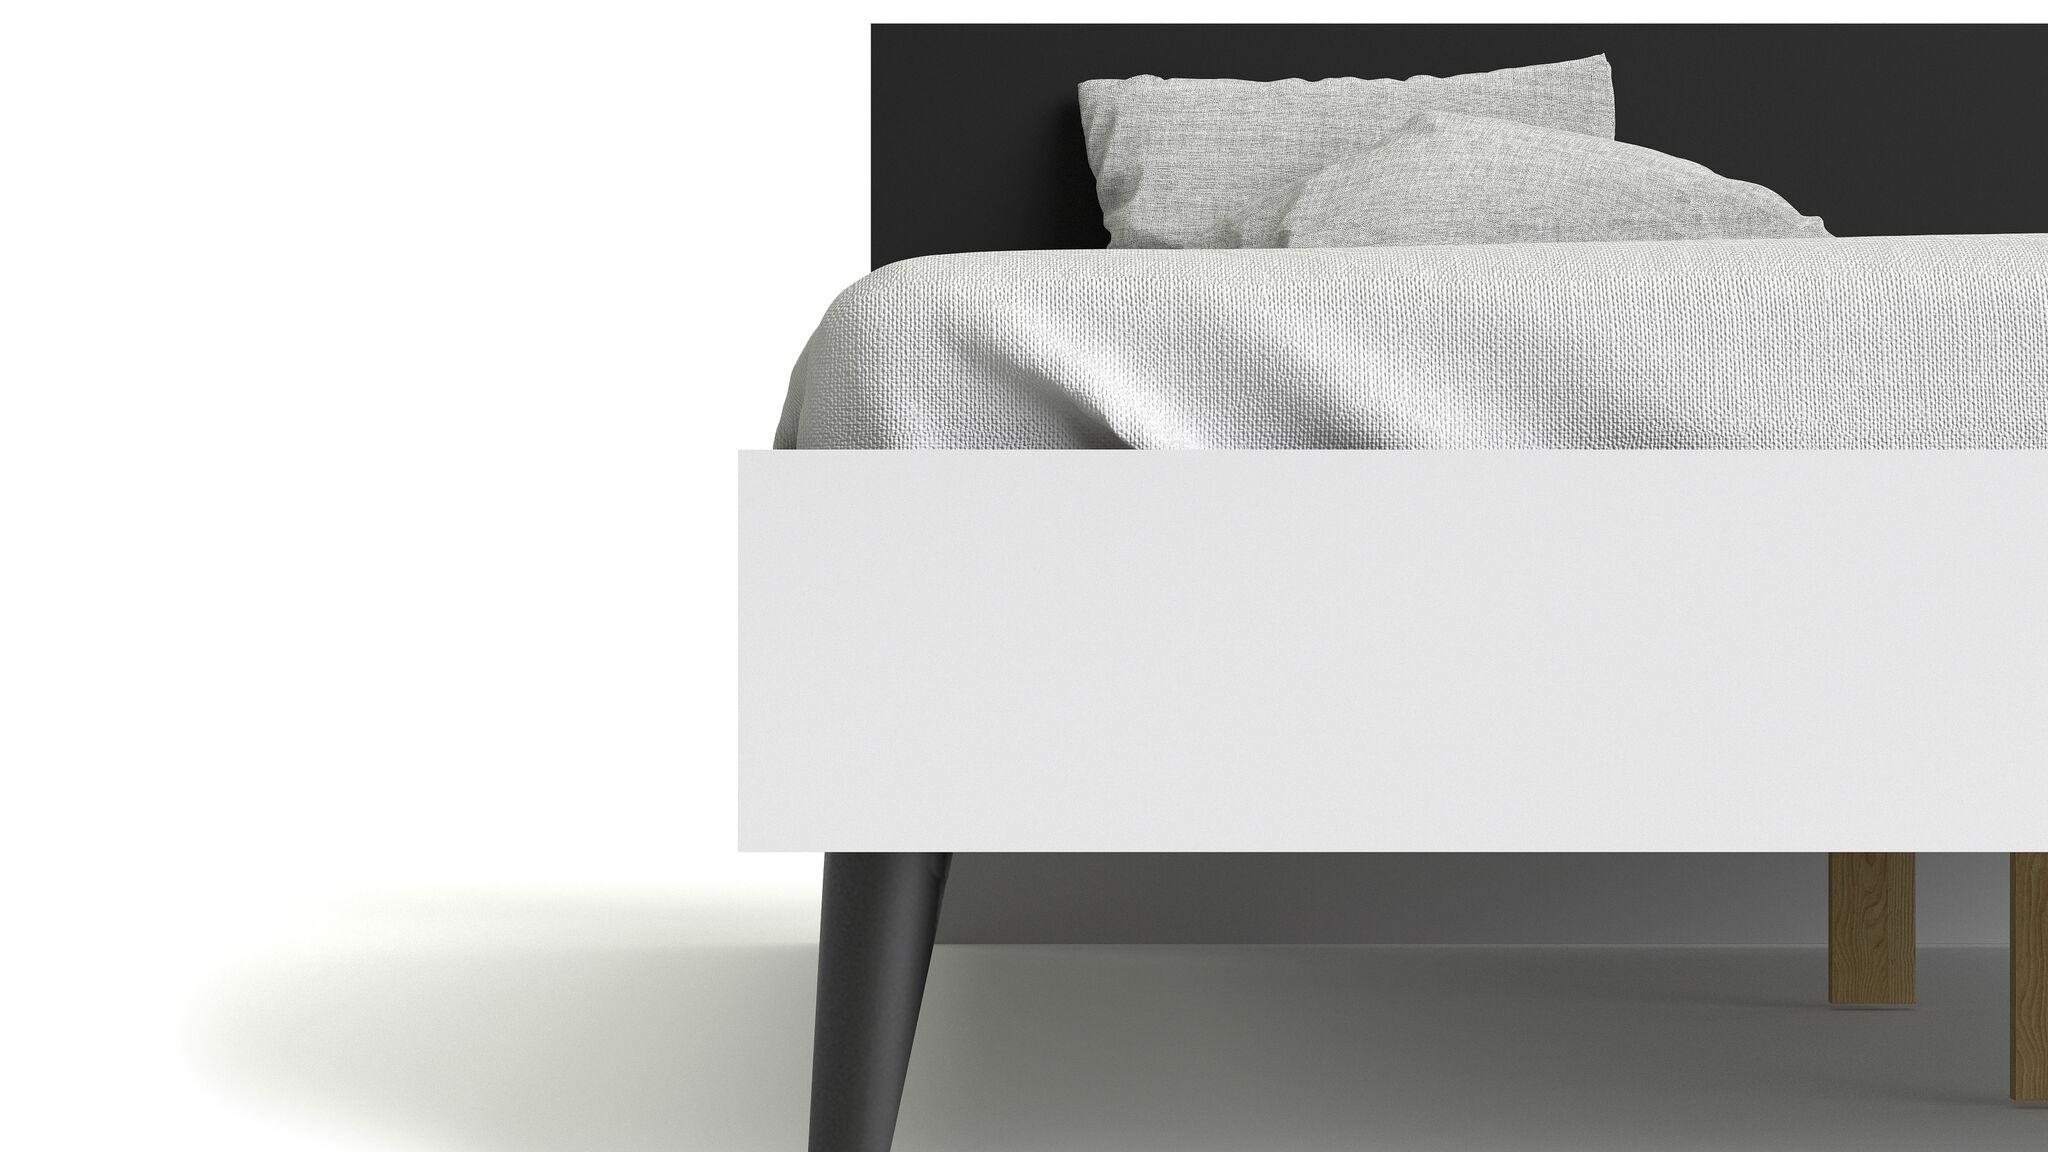 Doppelbett NAPOLI Bettgestell Ehebett Bett Schlafzimmer 180x200 schwarz/weiß